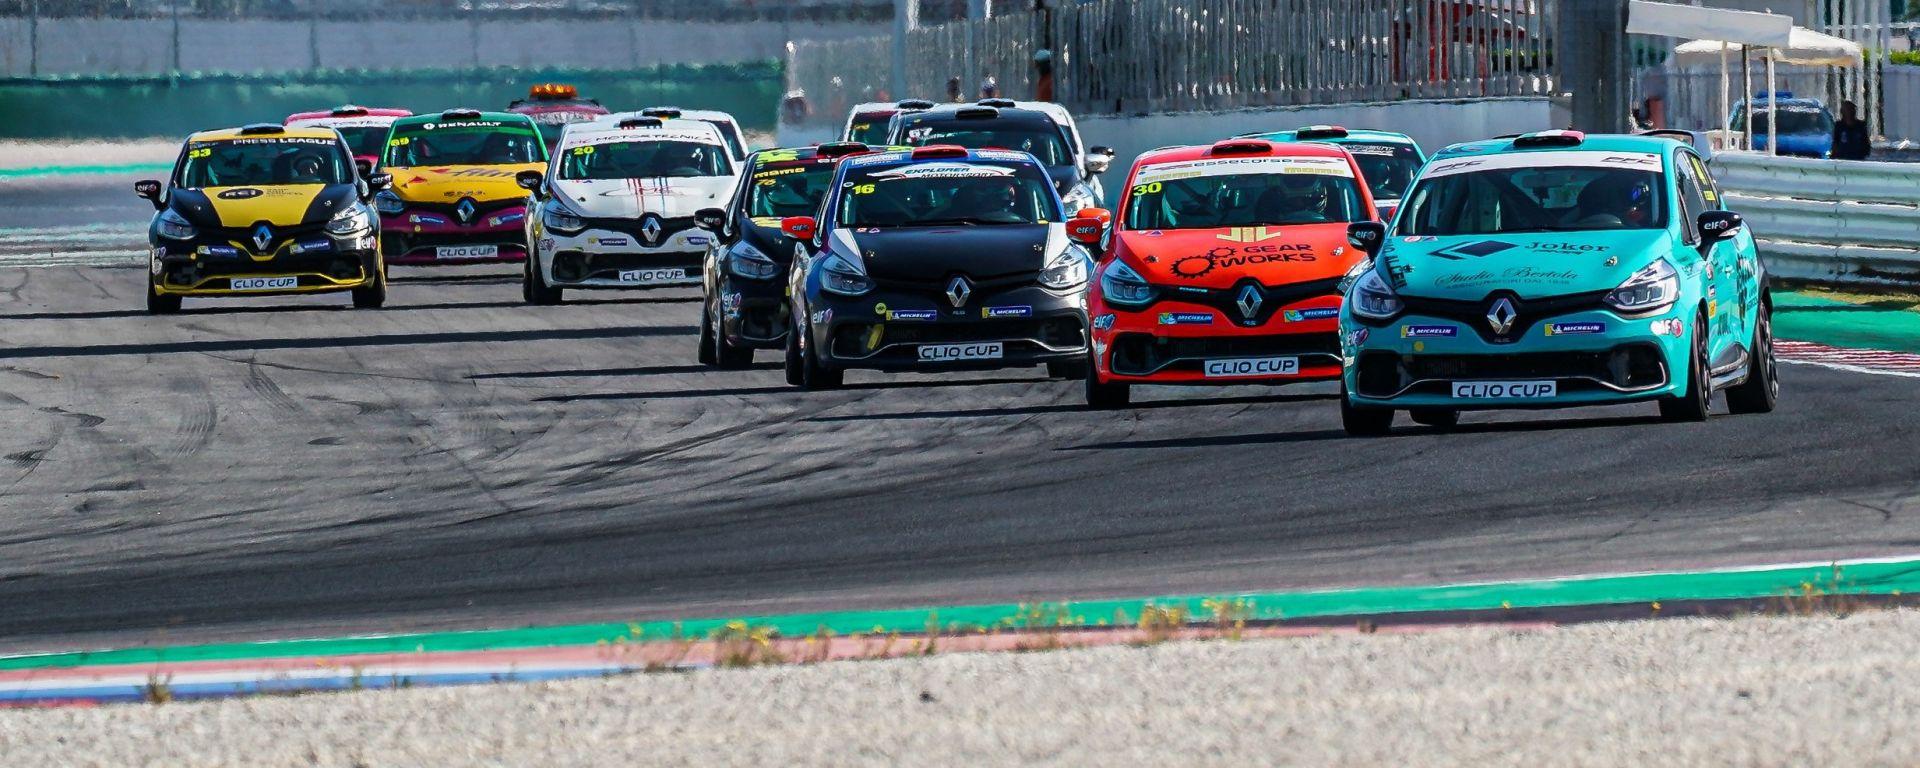 Clio Cup Italia 2019, Jelmini davanti a tutti allo start di Gara-1